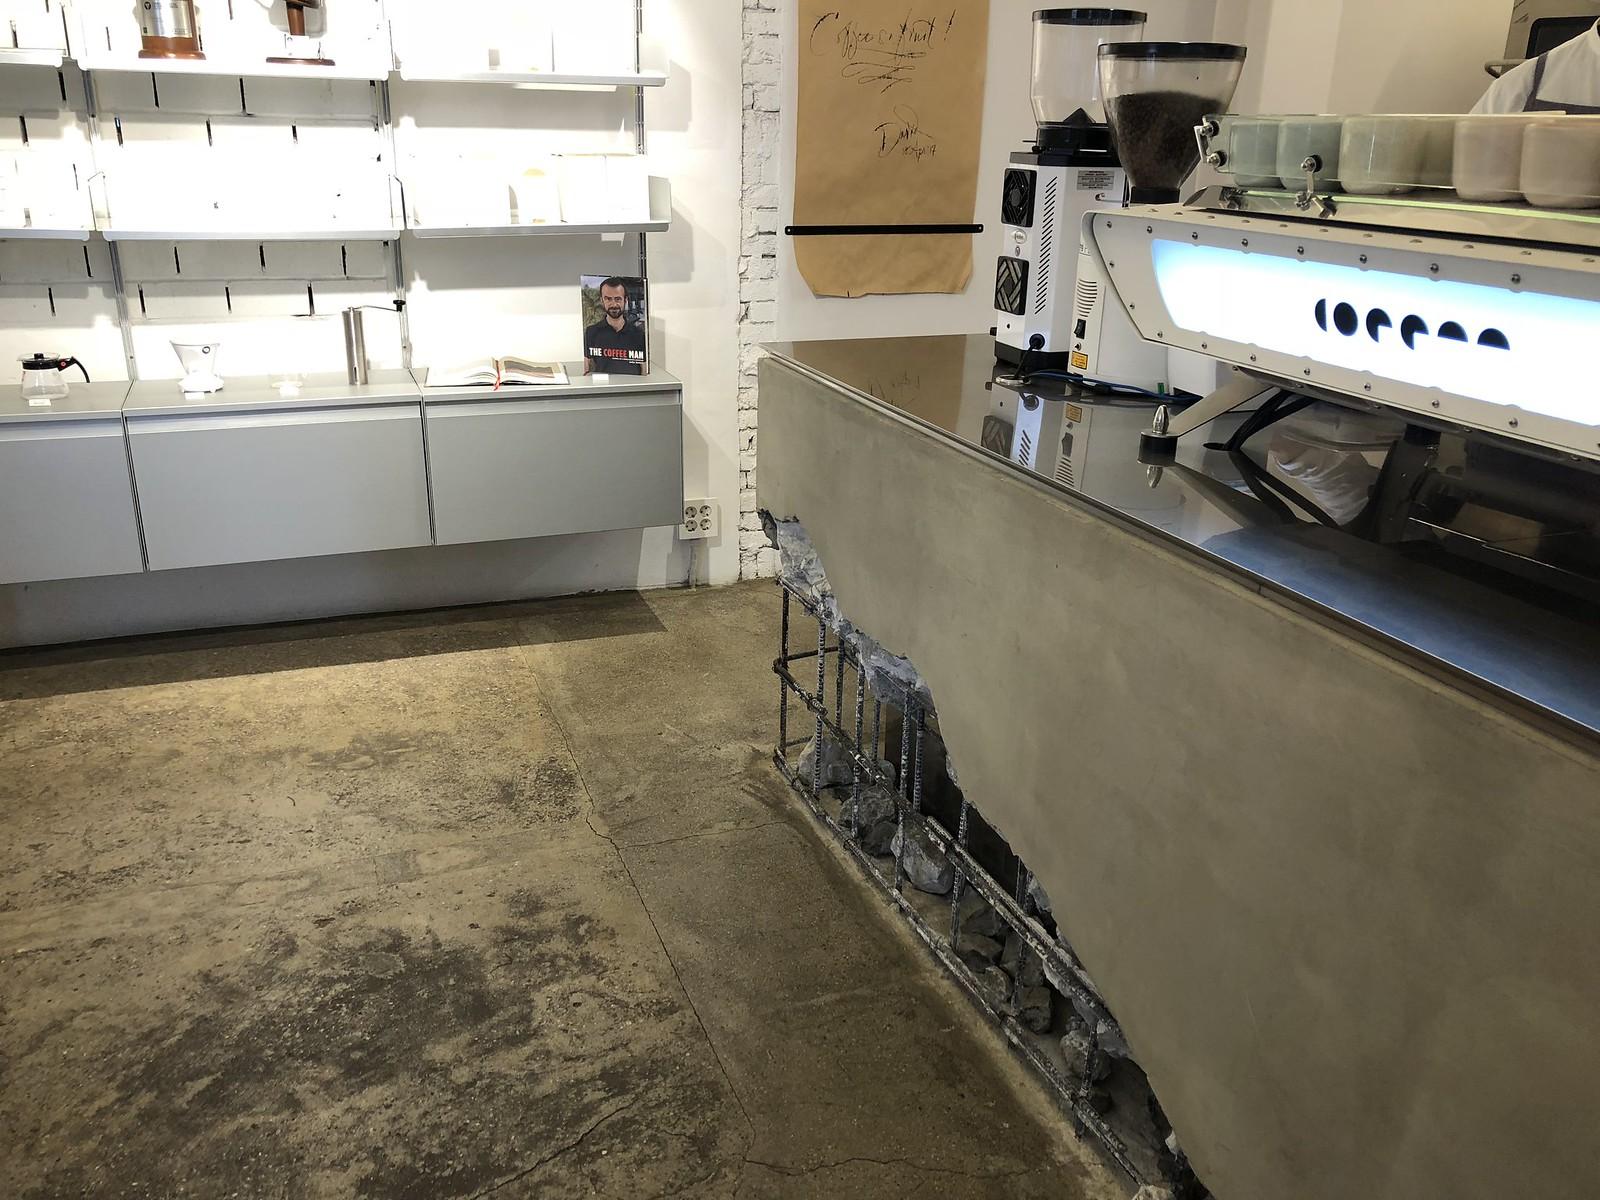 센터커피의 에스프레소 머신